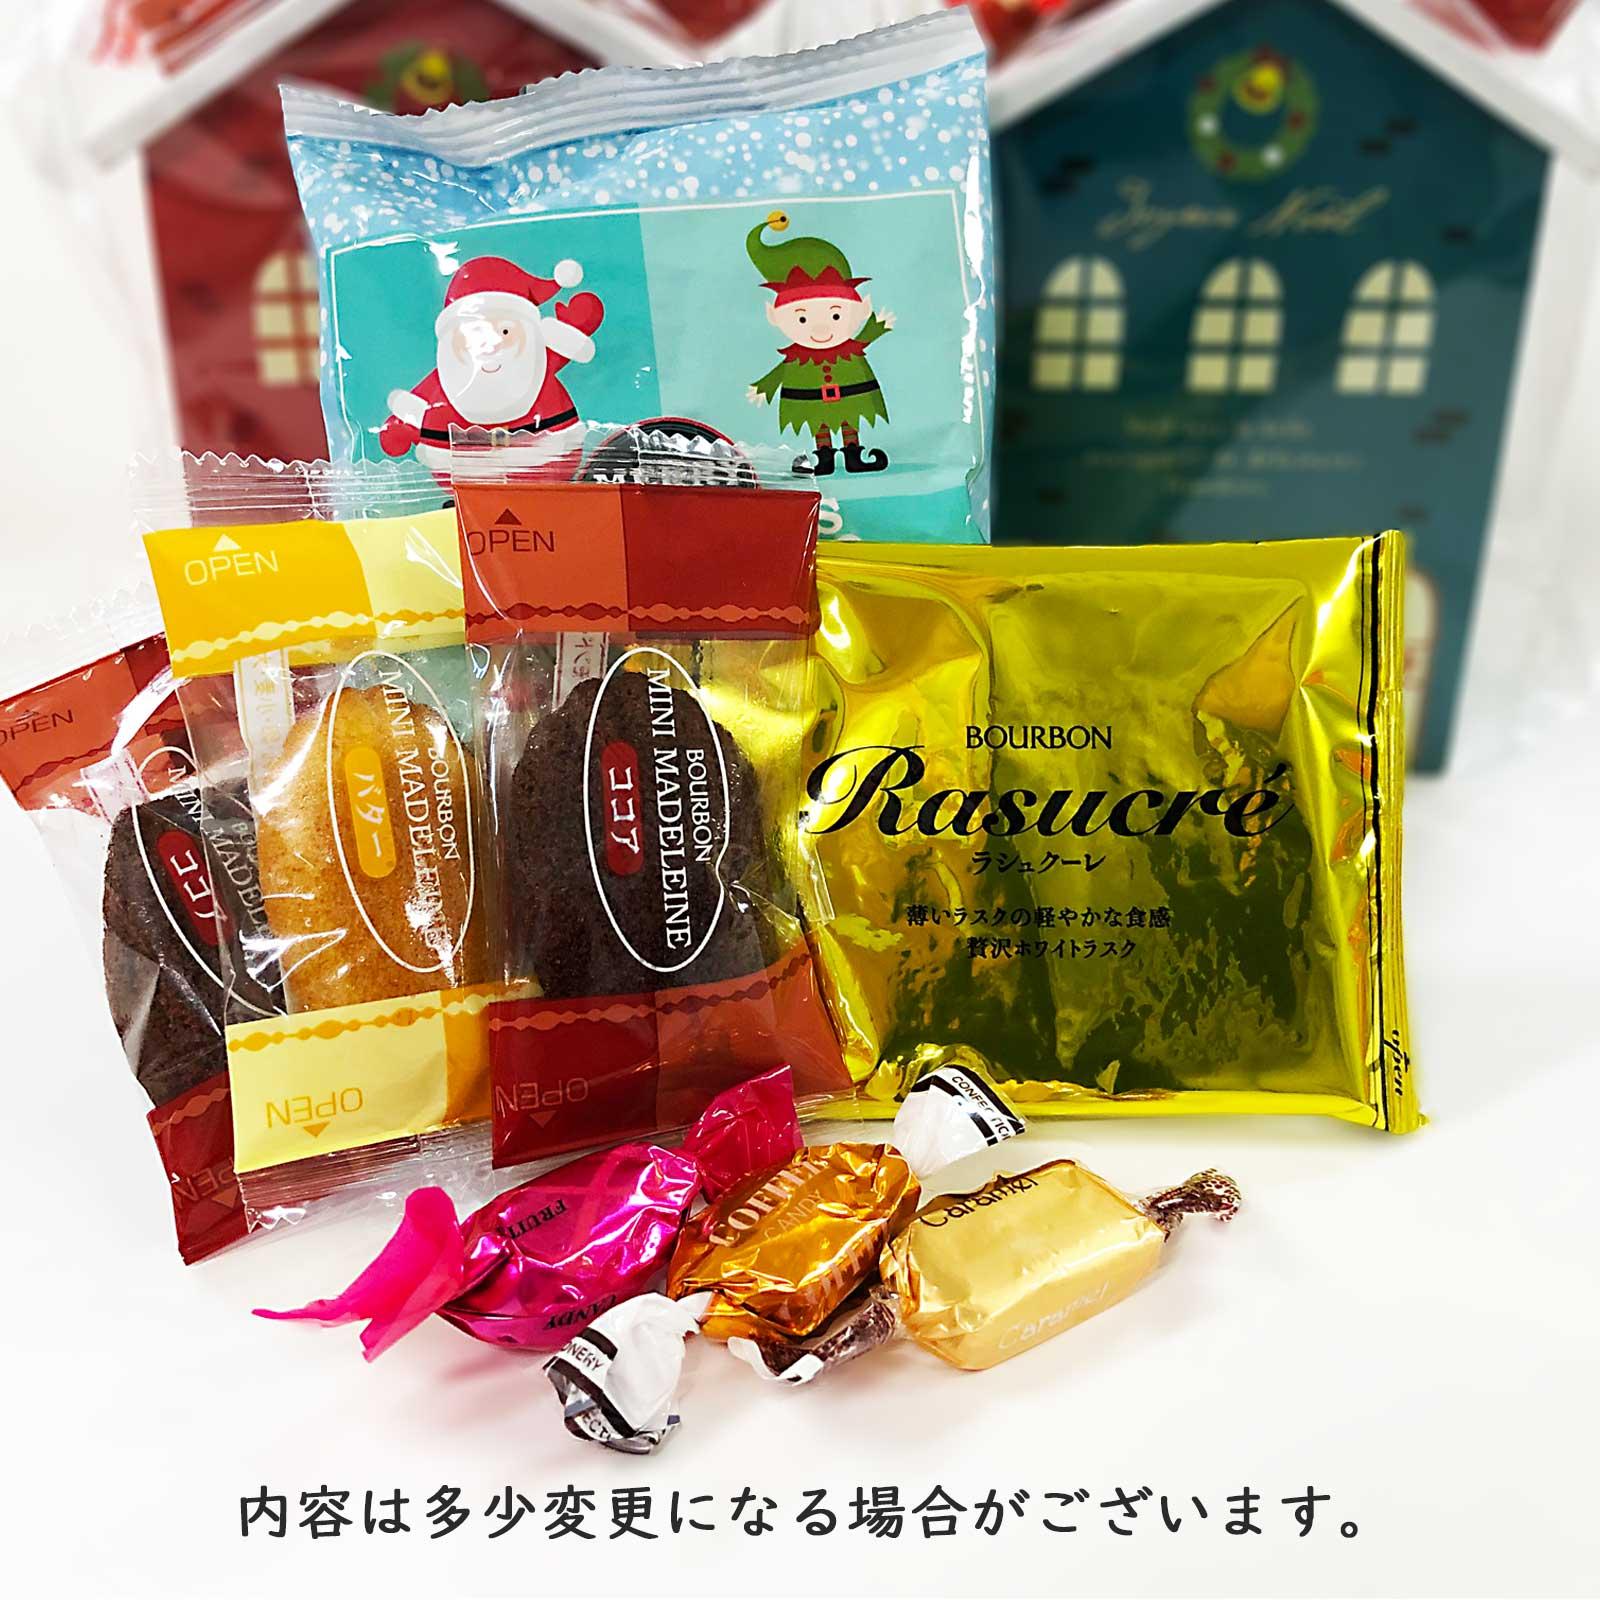 クリスマスお菓子セット400円